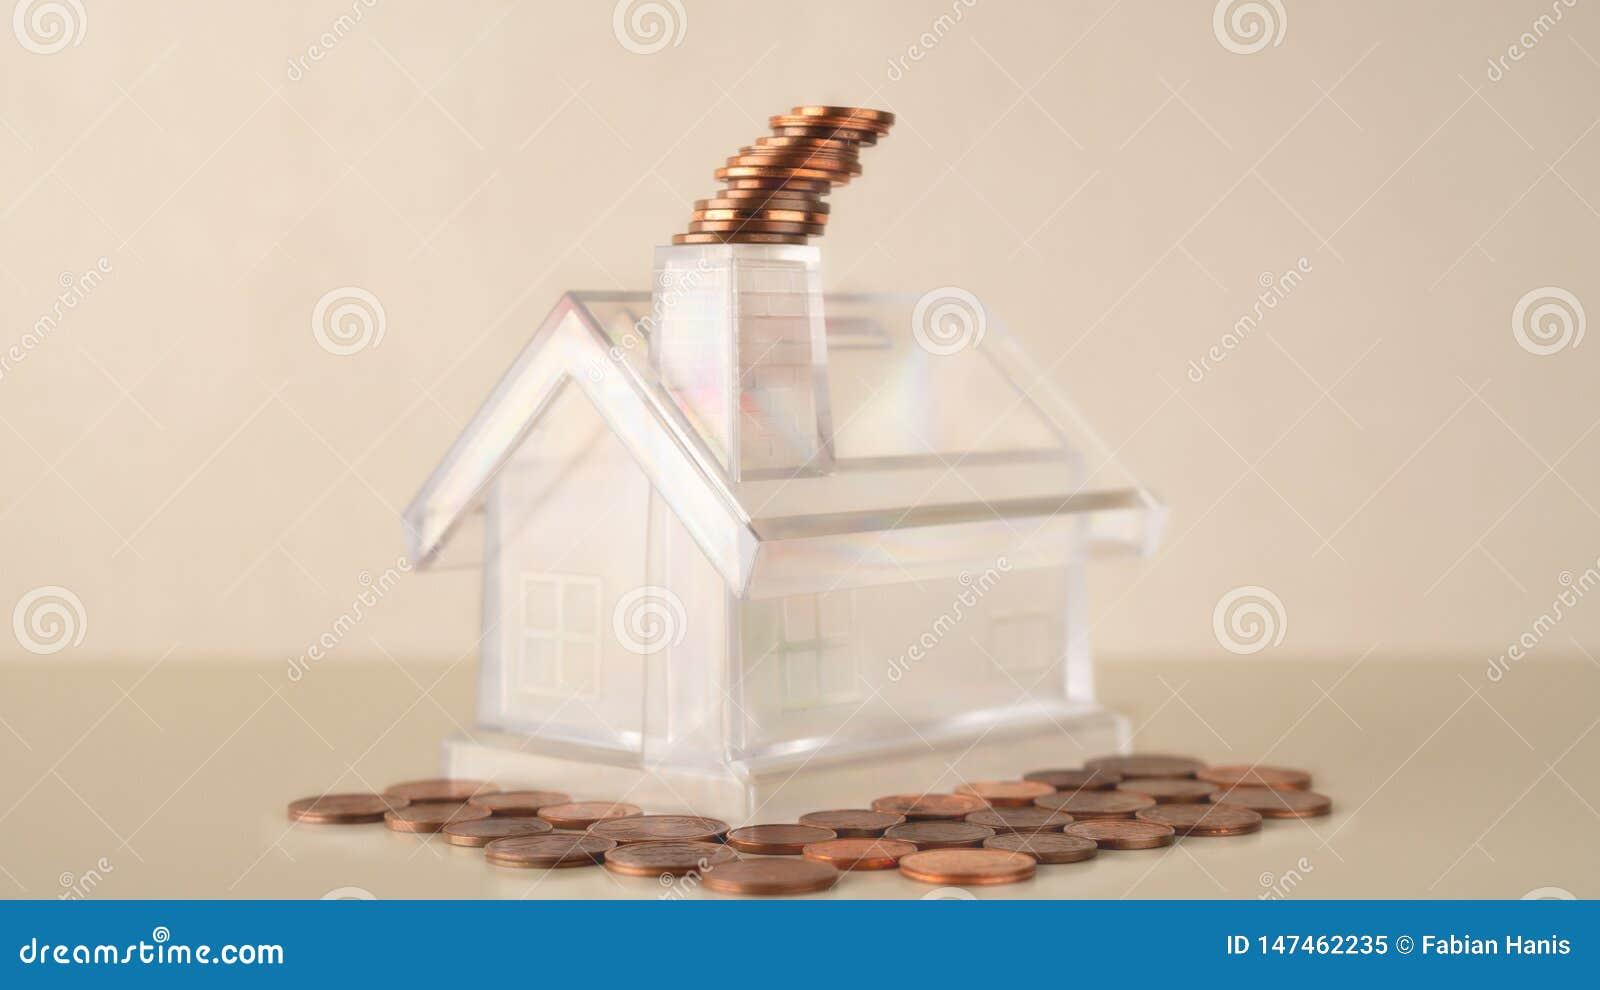 Weißes transparentes Haus des Sparschweins mit Kamin, Münzen stapeln Rauch, das Finanz Managementgeschäft und Investition, flache